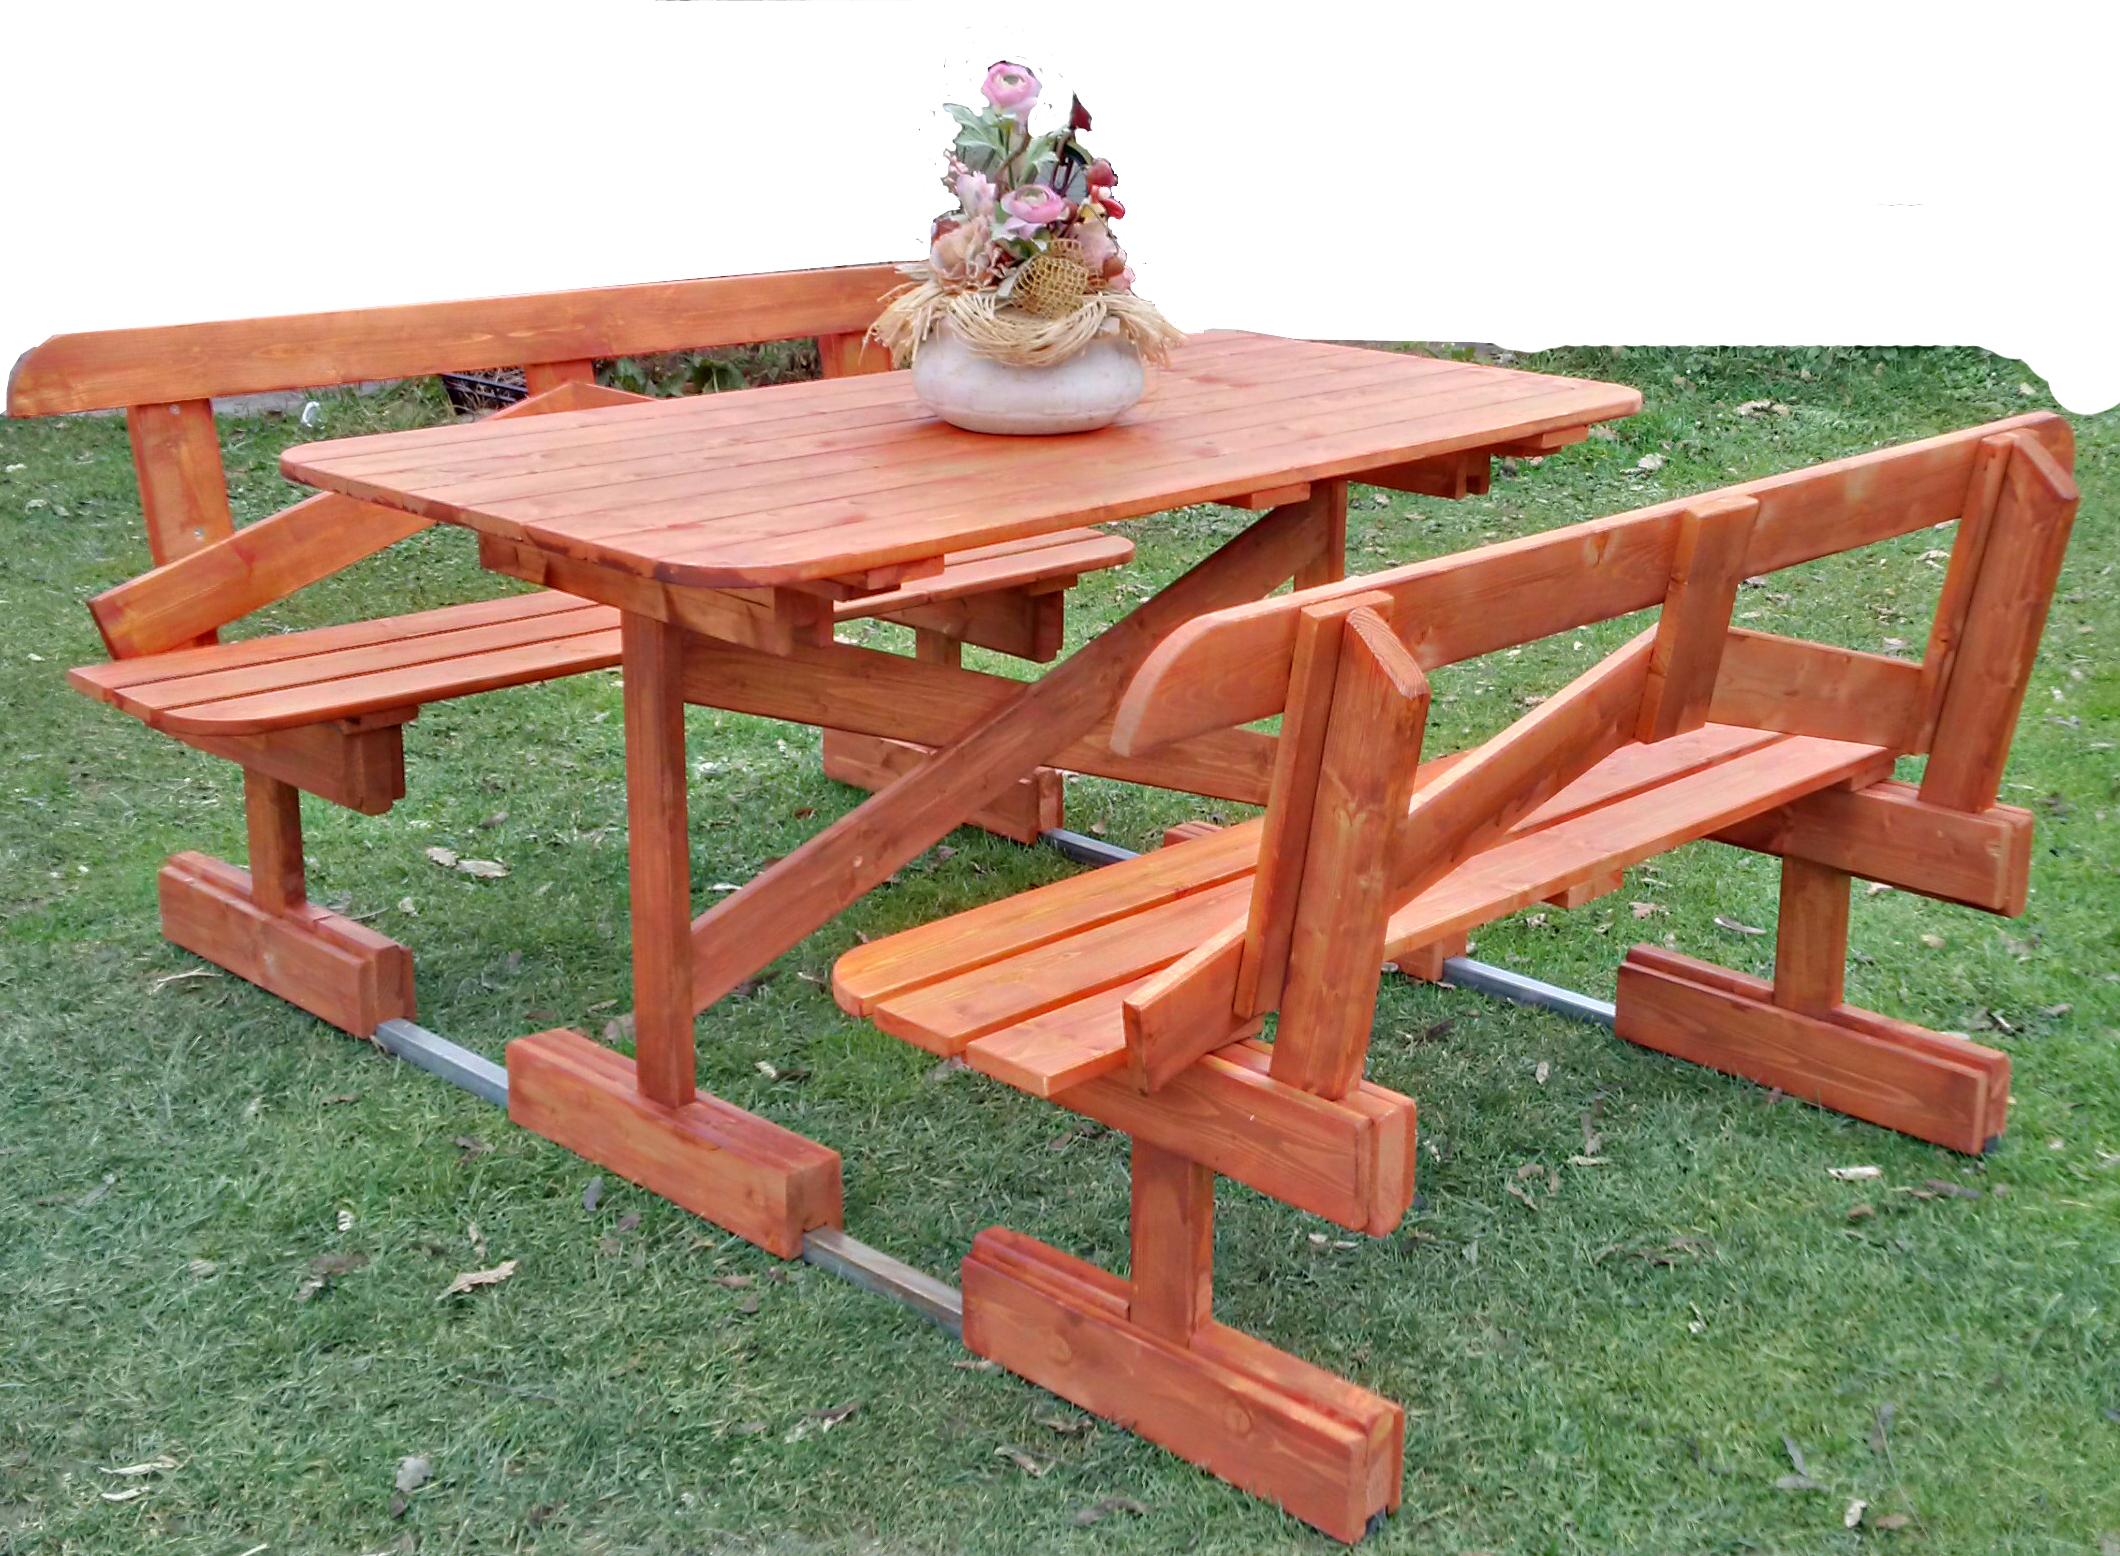 Tavoli per l 39 esterno in legno tavolo in legno con panchine mod park - Tavoli per esterno in legno ...